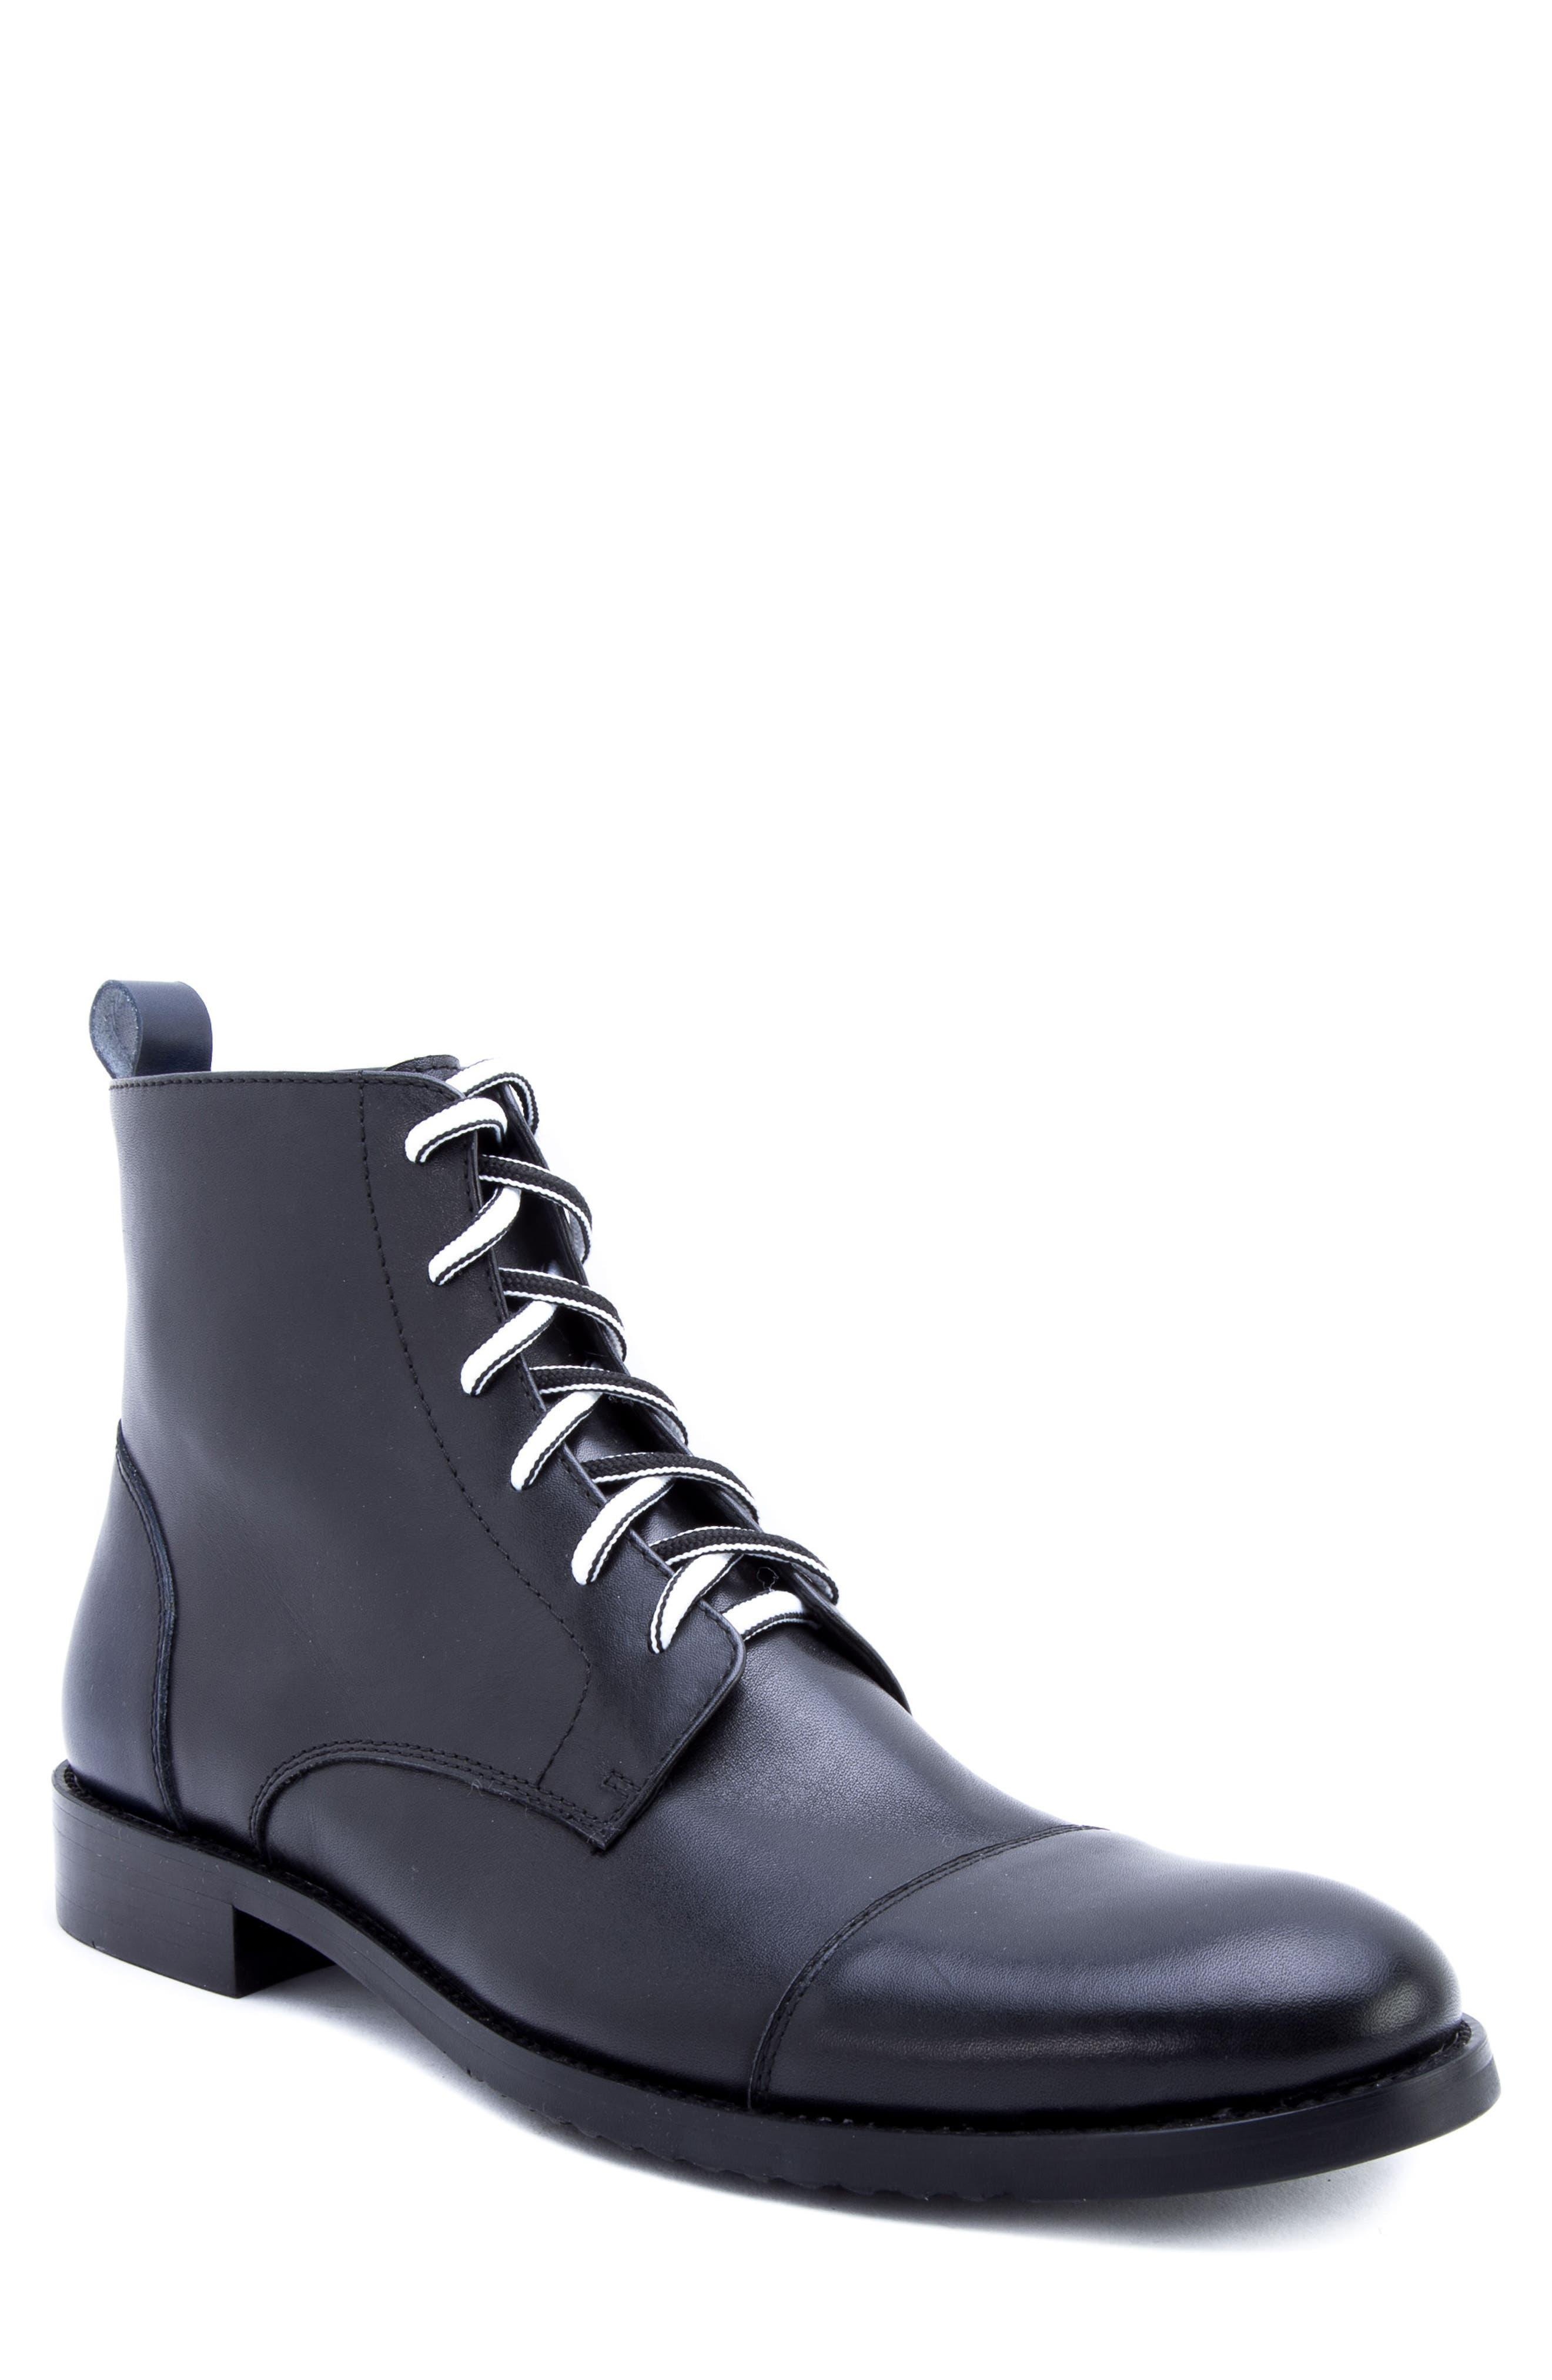 Lombardo Cap Toe Boot,                             Main thumbnail 1, color,                             001